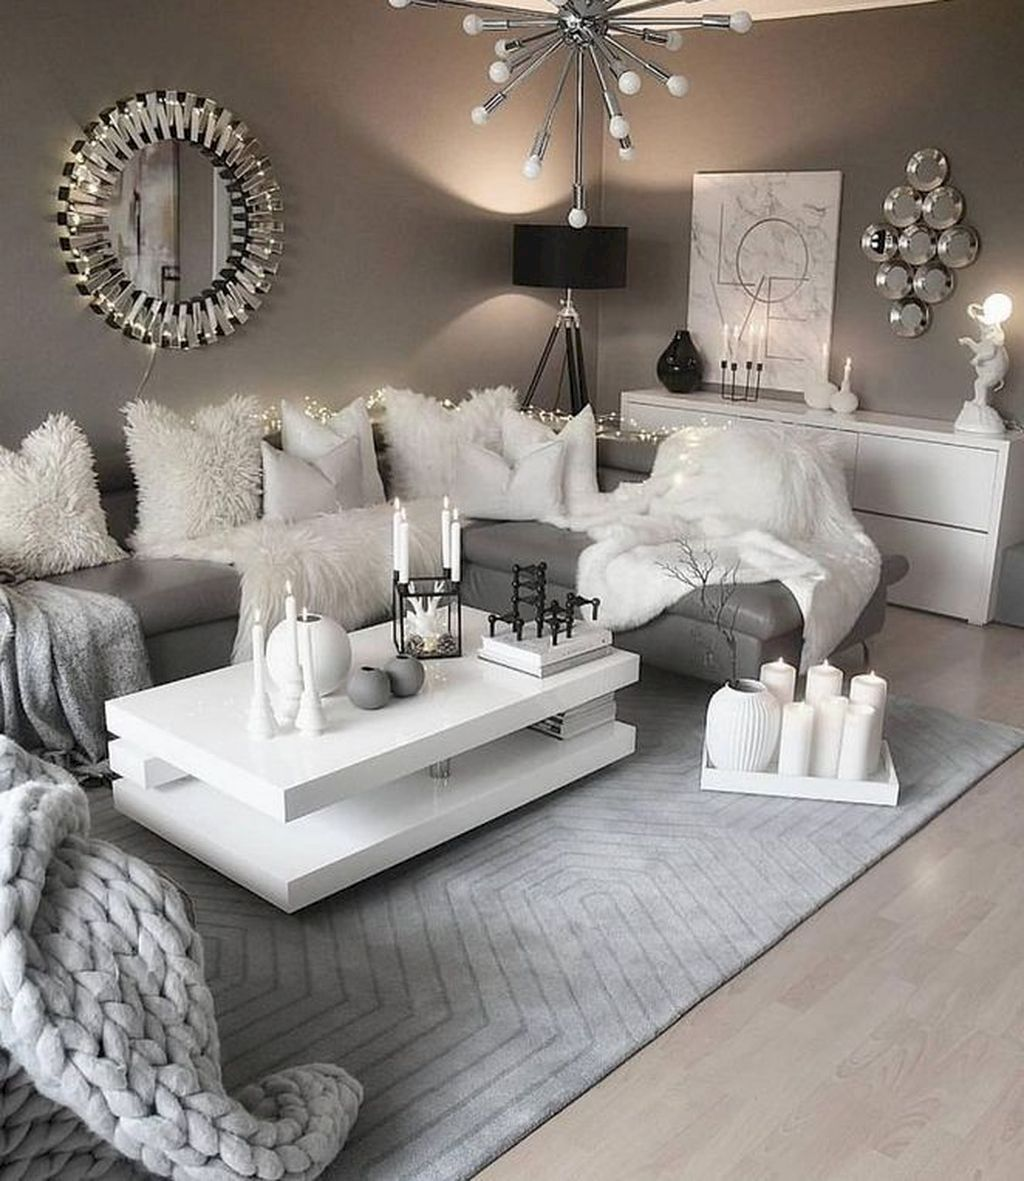 Awesome contemporary living room decor ideas 13